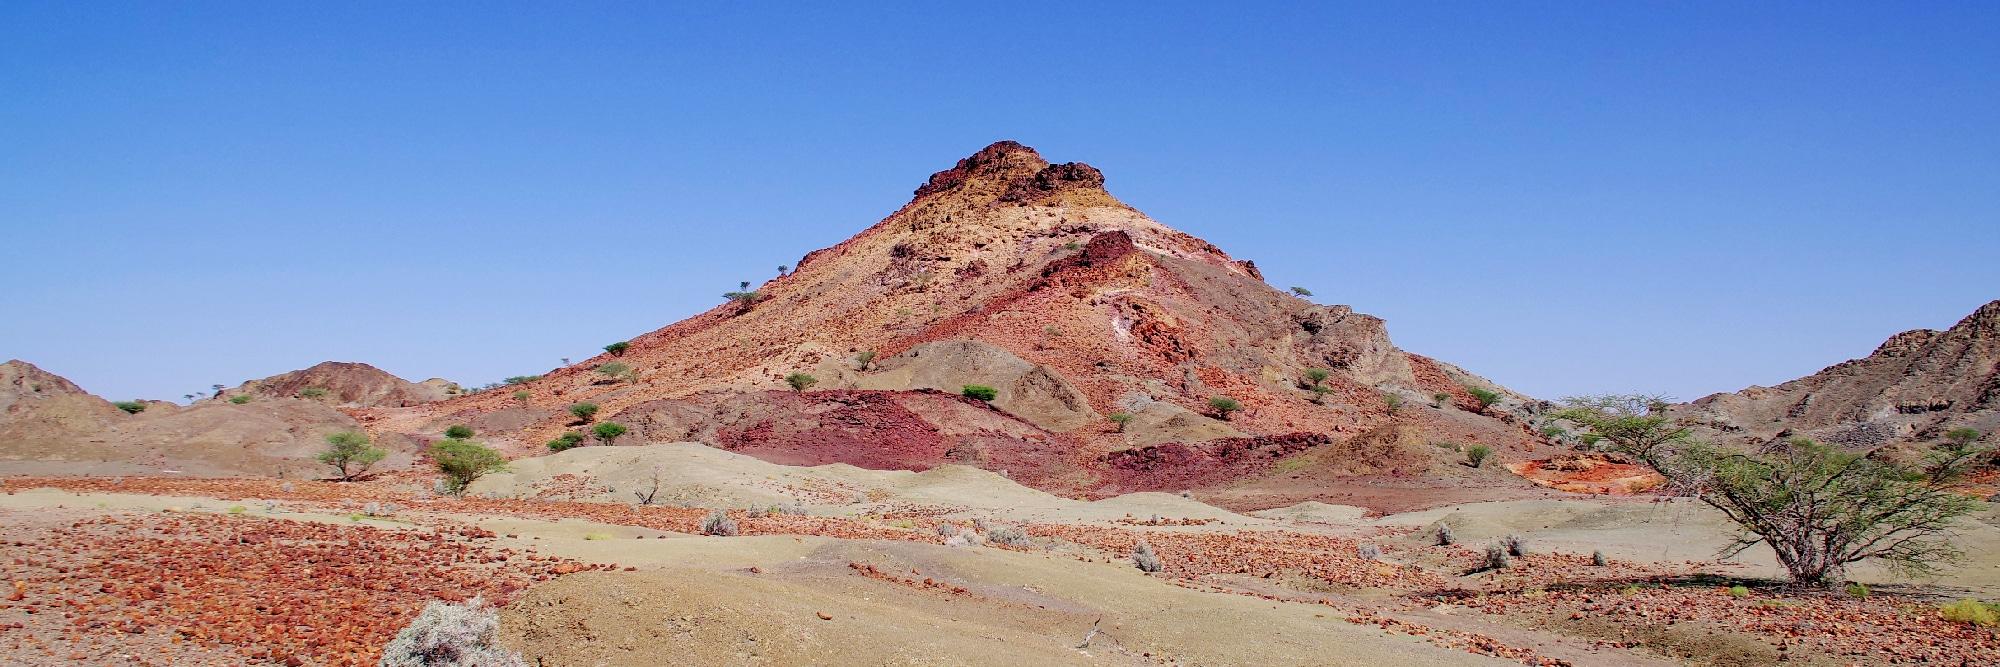 La colline de Zuha, vestiges de fumeurs noirs océaniques.